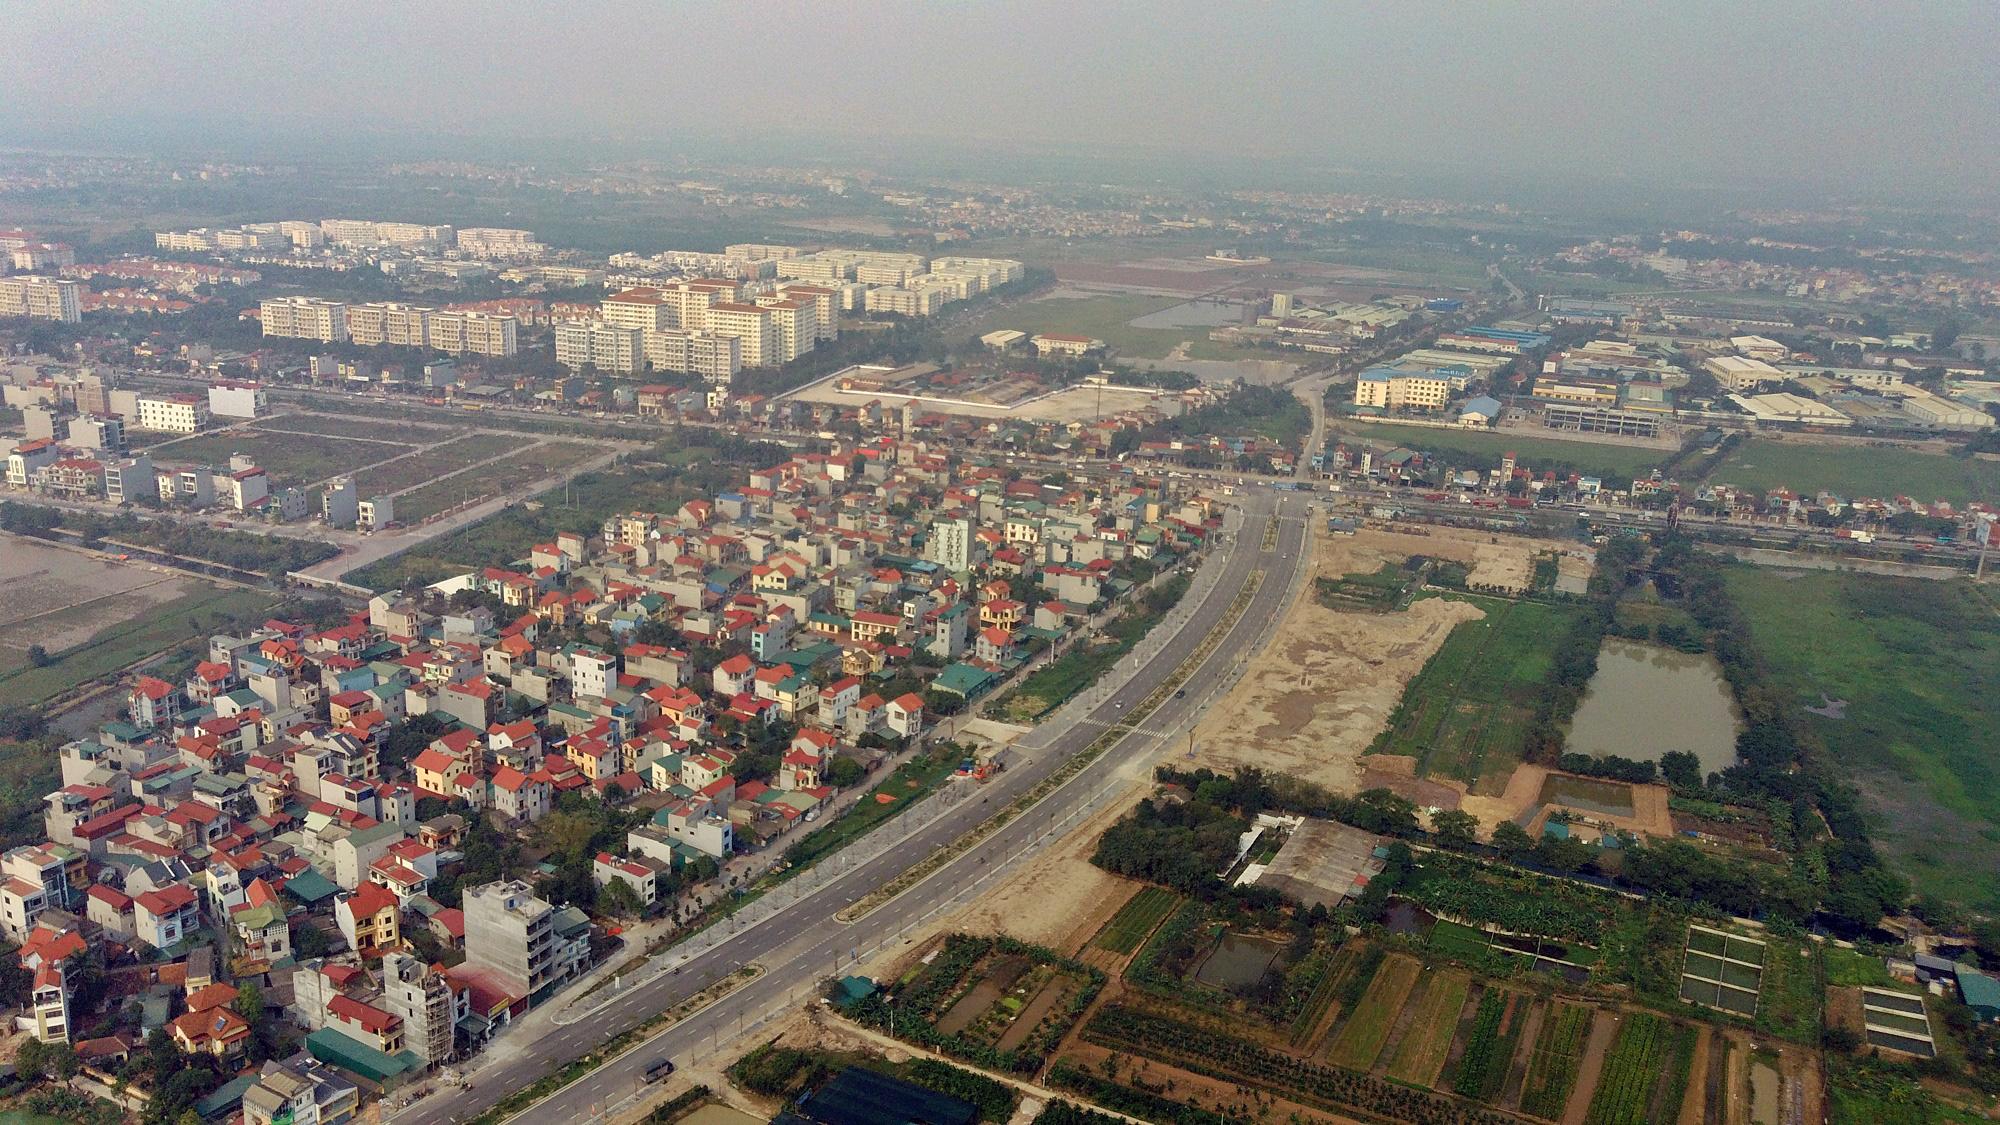 Chuẩn bị lên quận, hạ tầng giao thông huyện Gia Lâm đang thay đổi 'chóng mặt' - Ảnh 6.